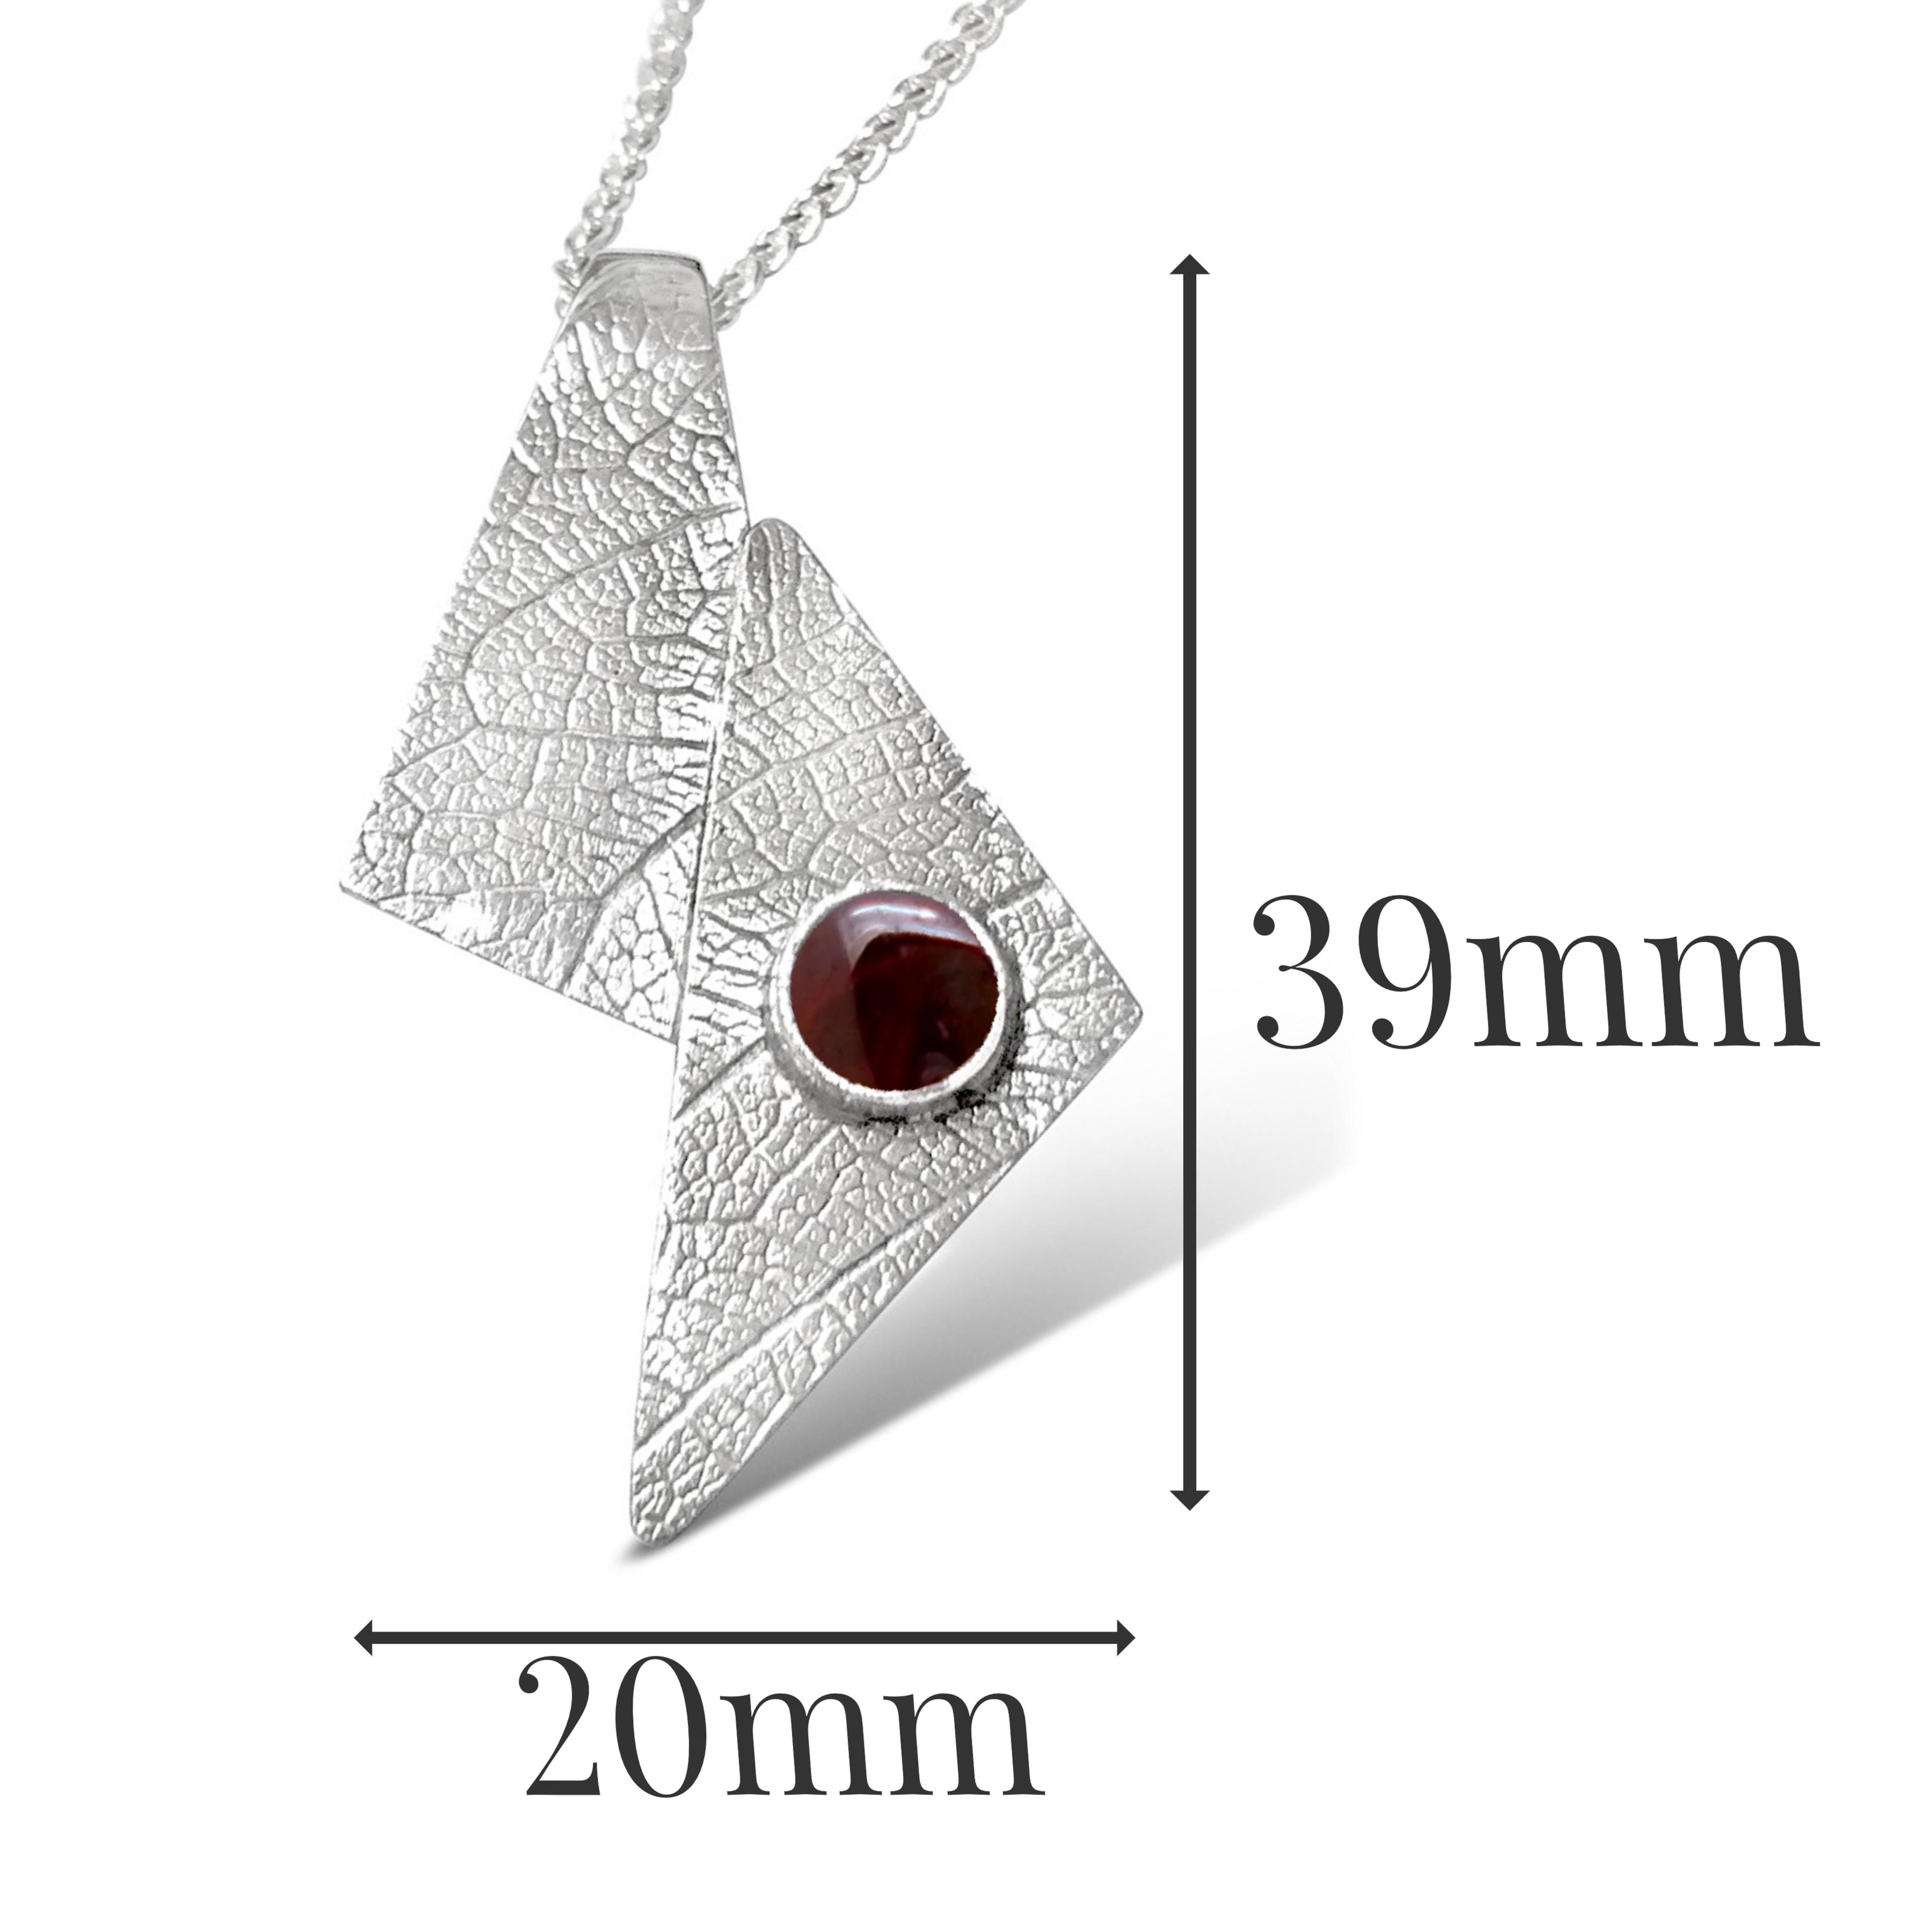 LP541 - Silver Garnet Pendant sizes